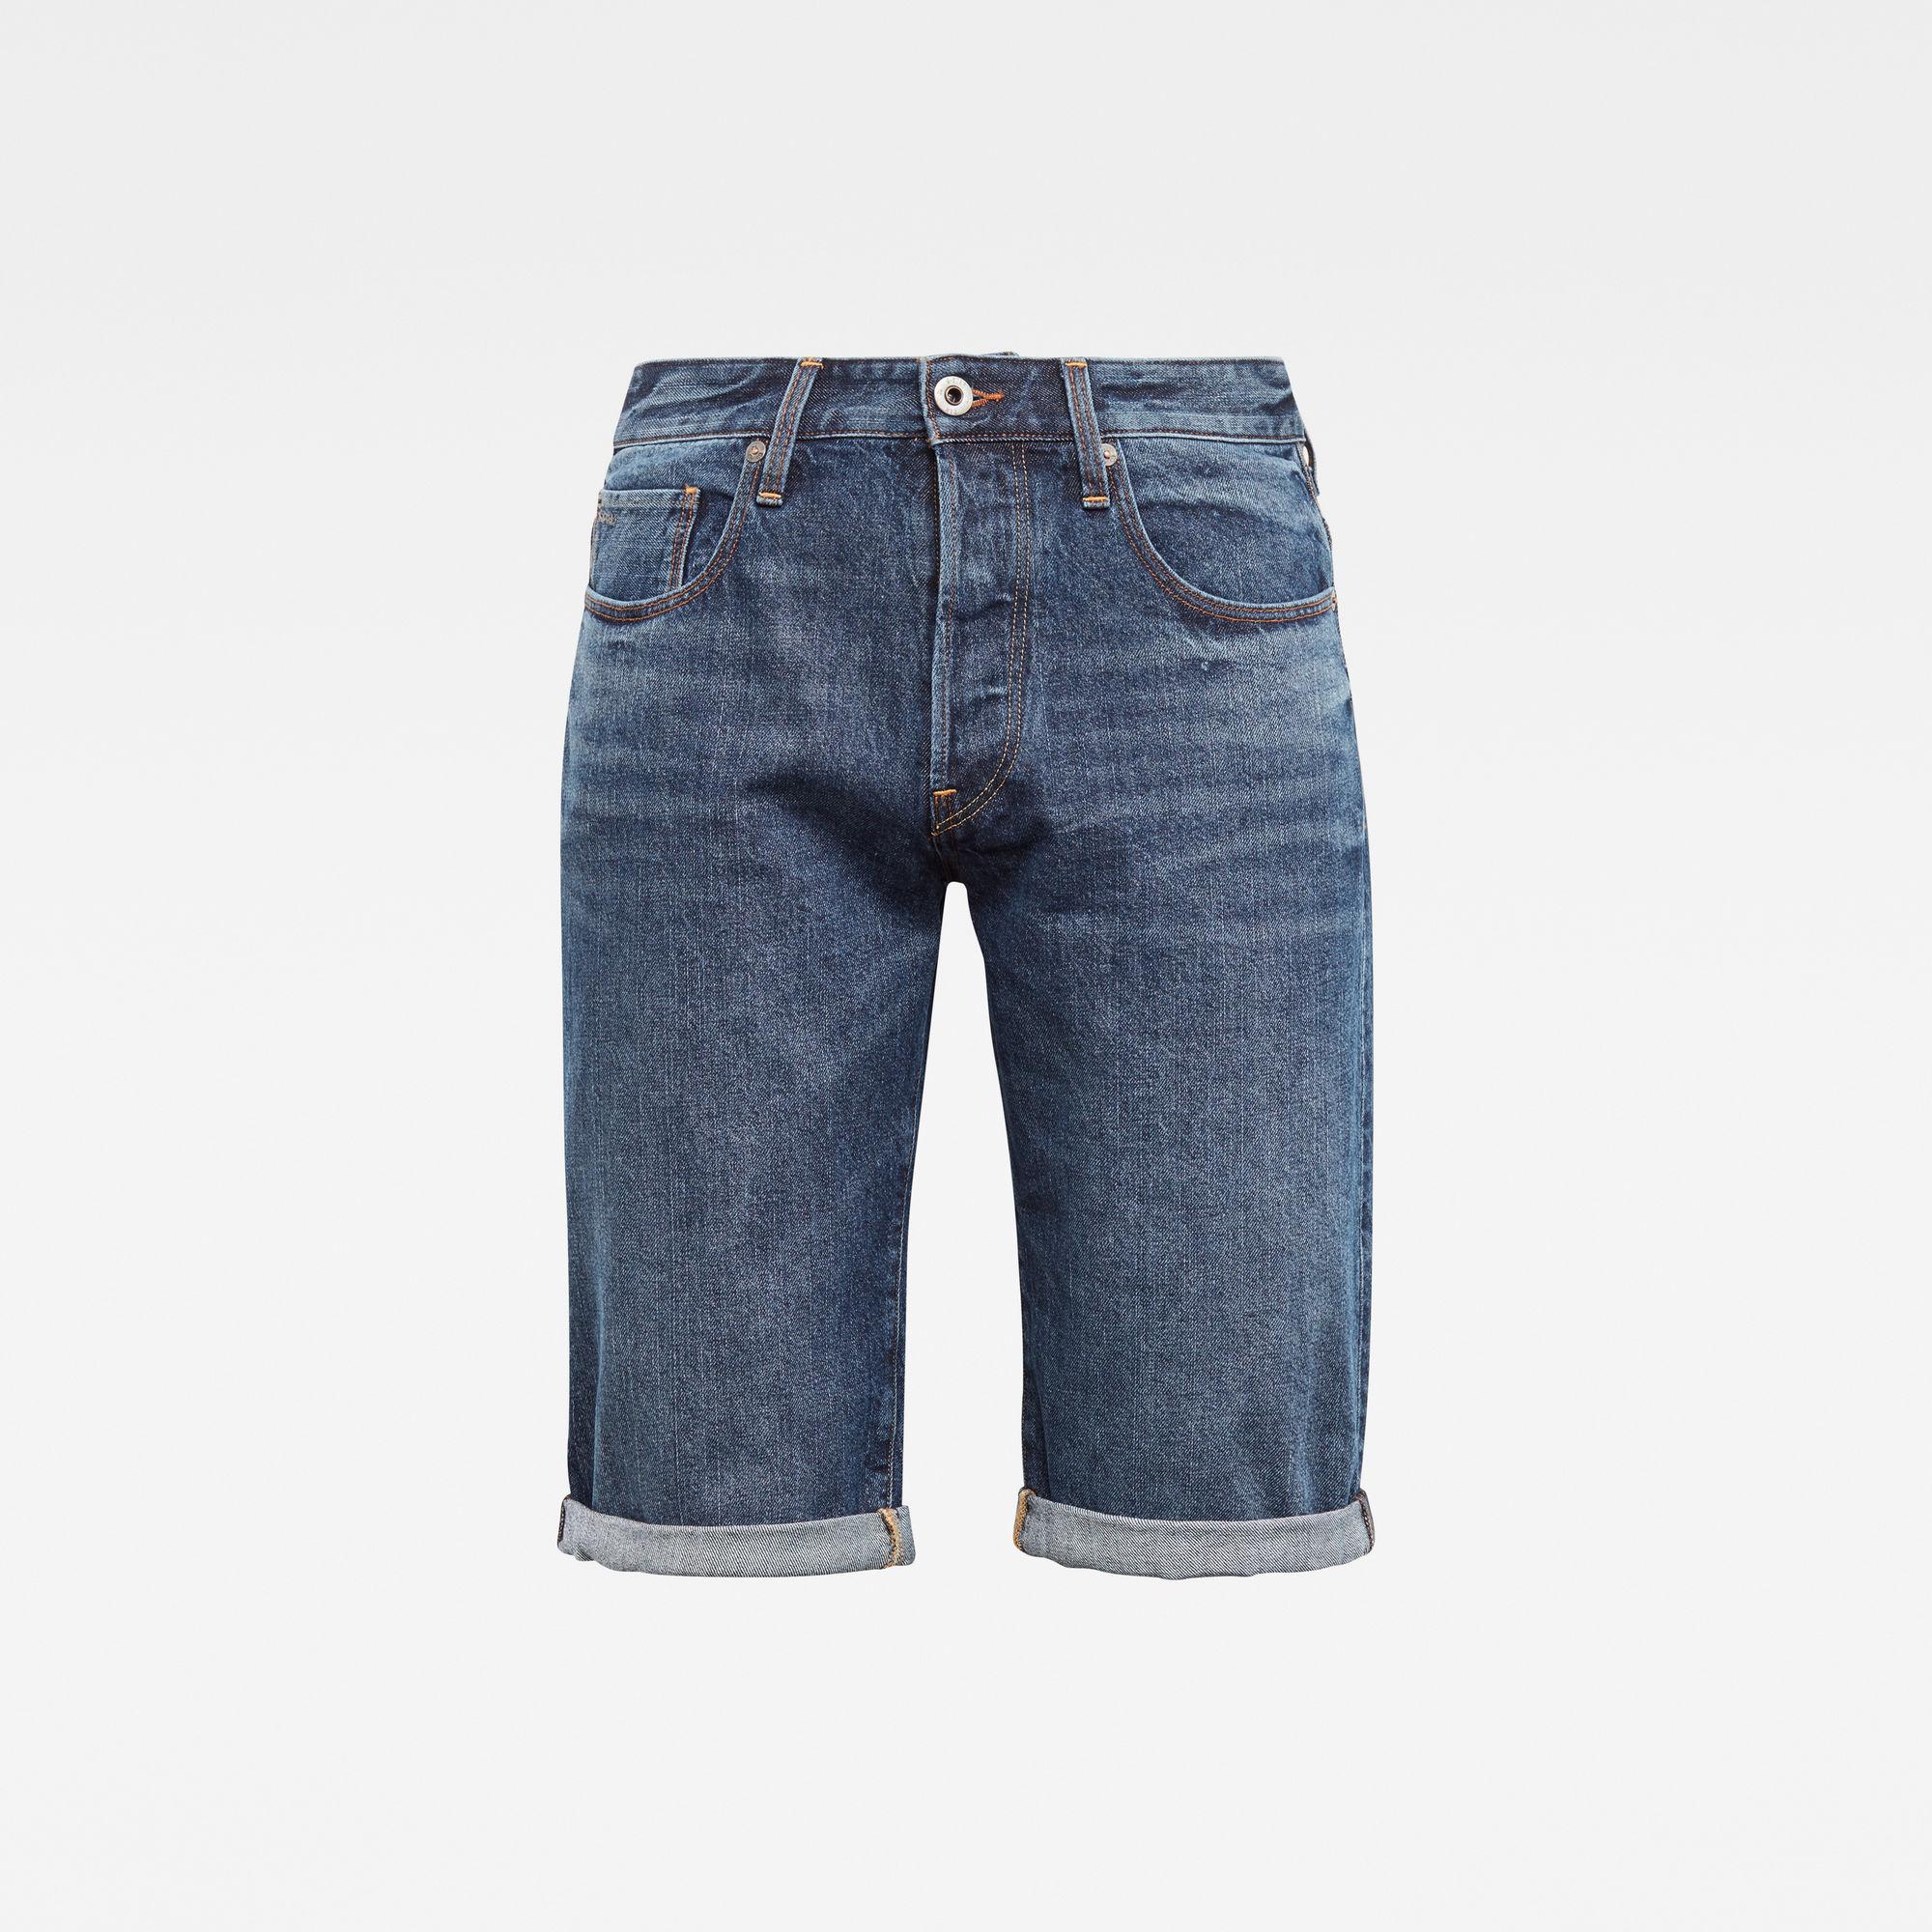 3301 short Donkerblauw